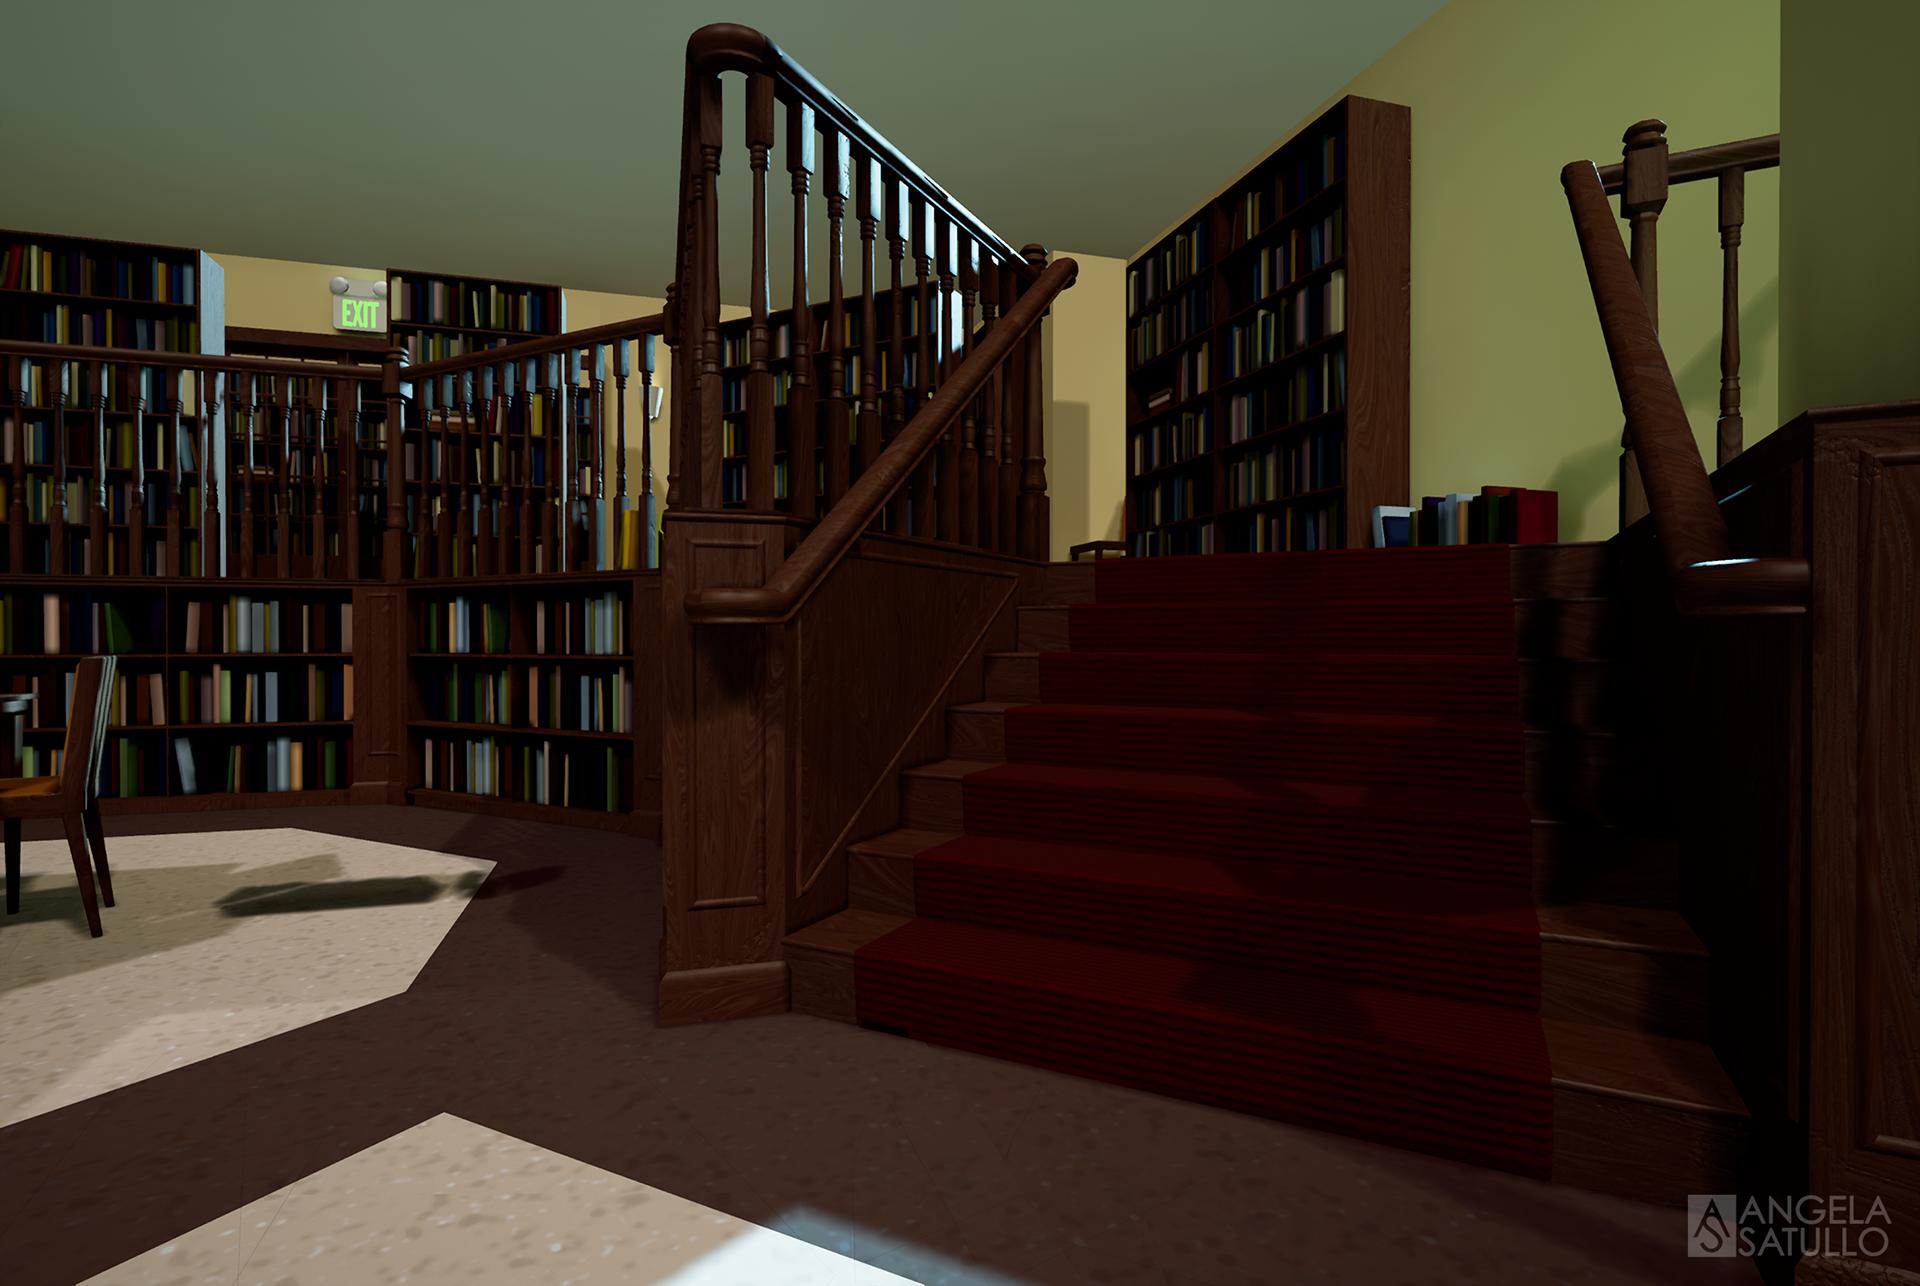 Angela Satullo - Sunnydale Library